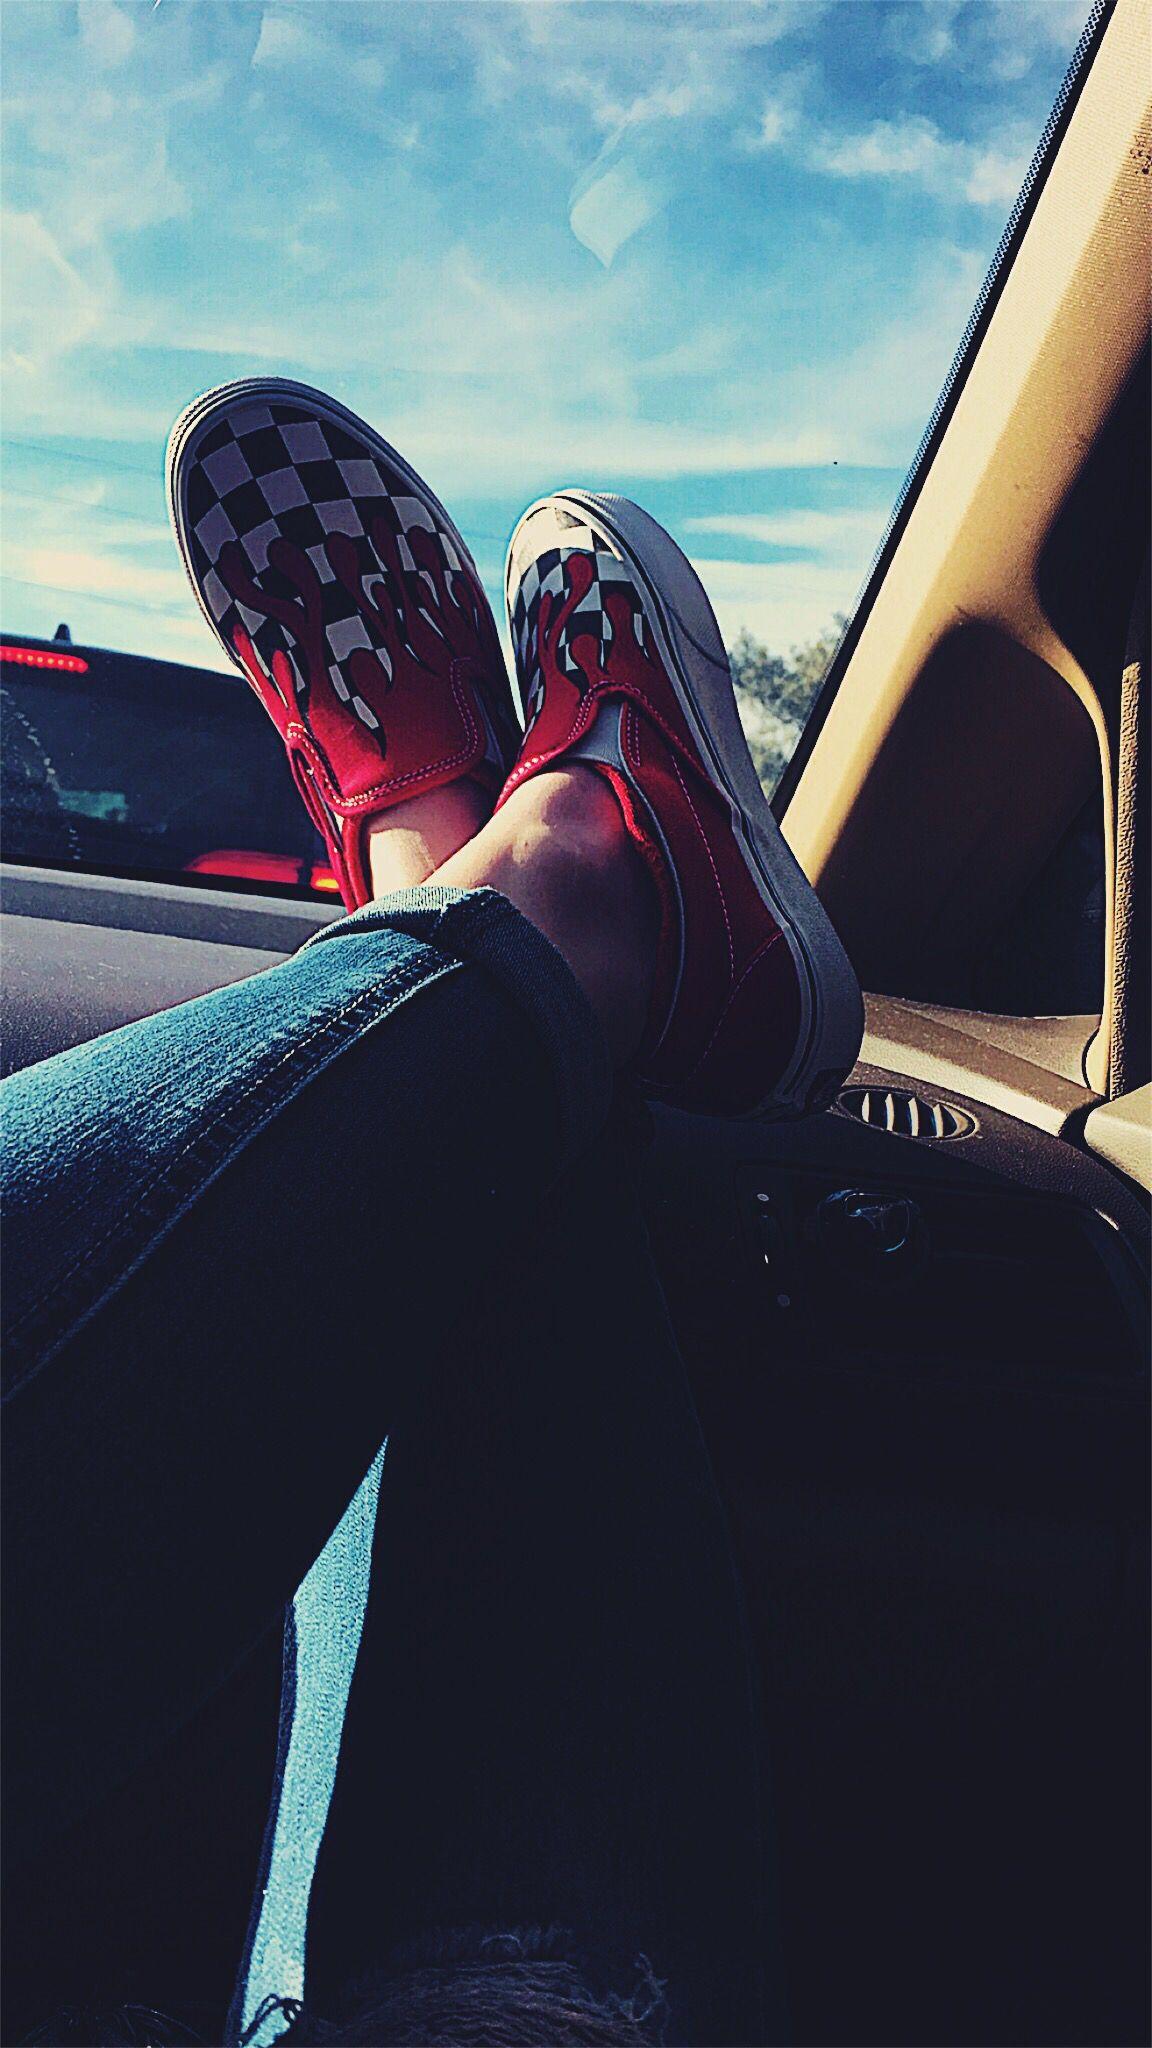 Black and white vans, Slip on shoes